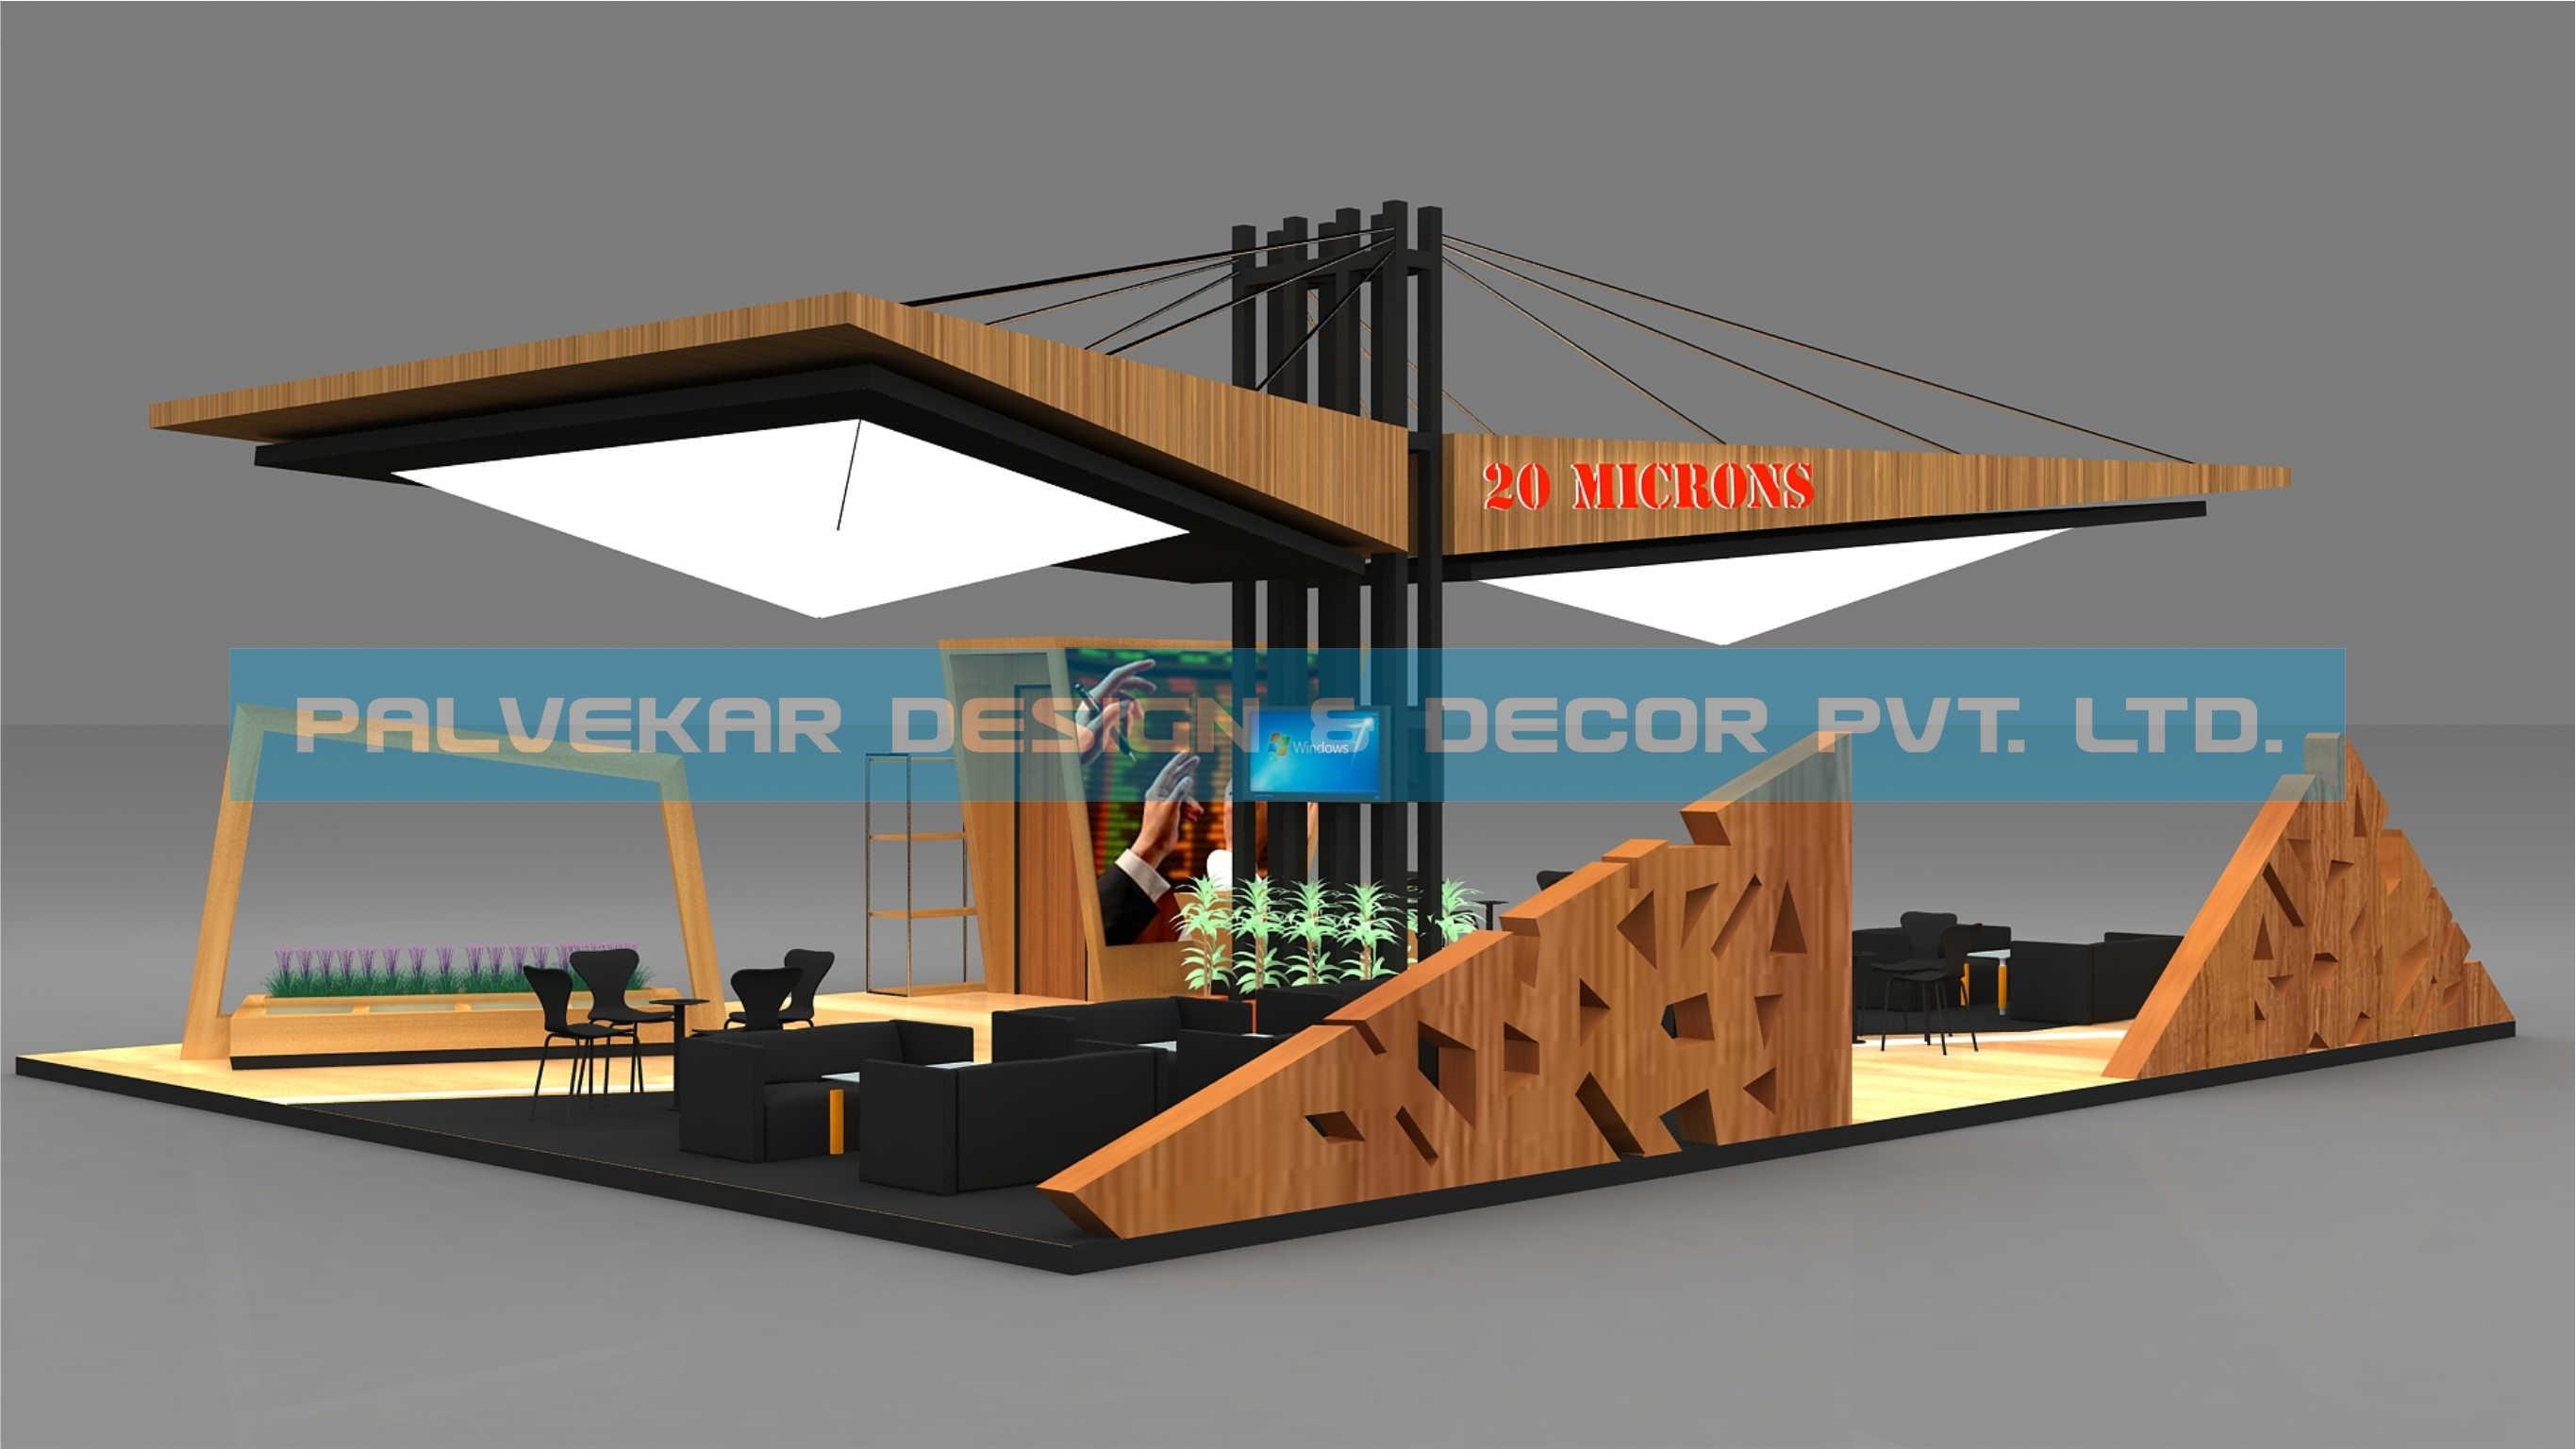 Exhibition Stall Design Layout : Exhibition stall ideas palvekar design decor pvt ltd